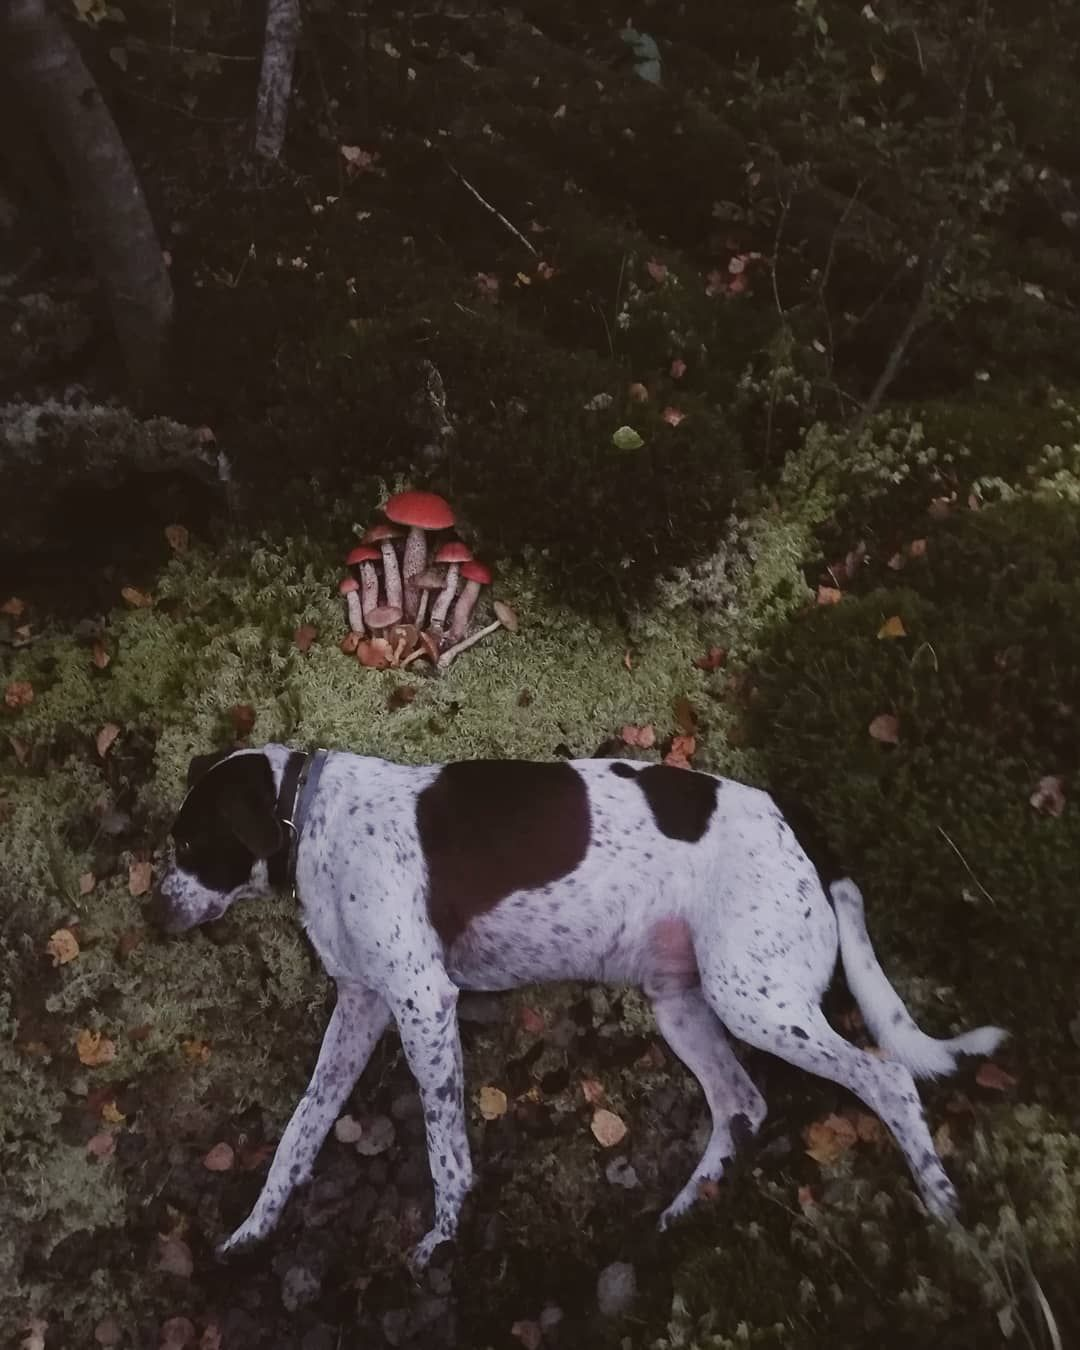 - Не то вы снимаете, женщина, какие грибы, когда такой красавец вам позирует..  #собака #природа #пейзаж #путешествие #мобильнаяфотография #грибы #dog #dogsofinstagram #instadog #walking #summer #travel #vladimirregion #guskhrustalny #petstagram #puppylove #pet #dogstagram #forest #mobilephotography #landscape #mood #nature #pointer #pointeroftheday #dogportrait #englishpointer